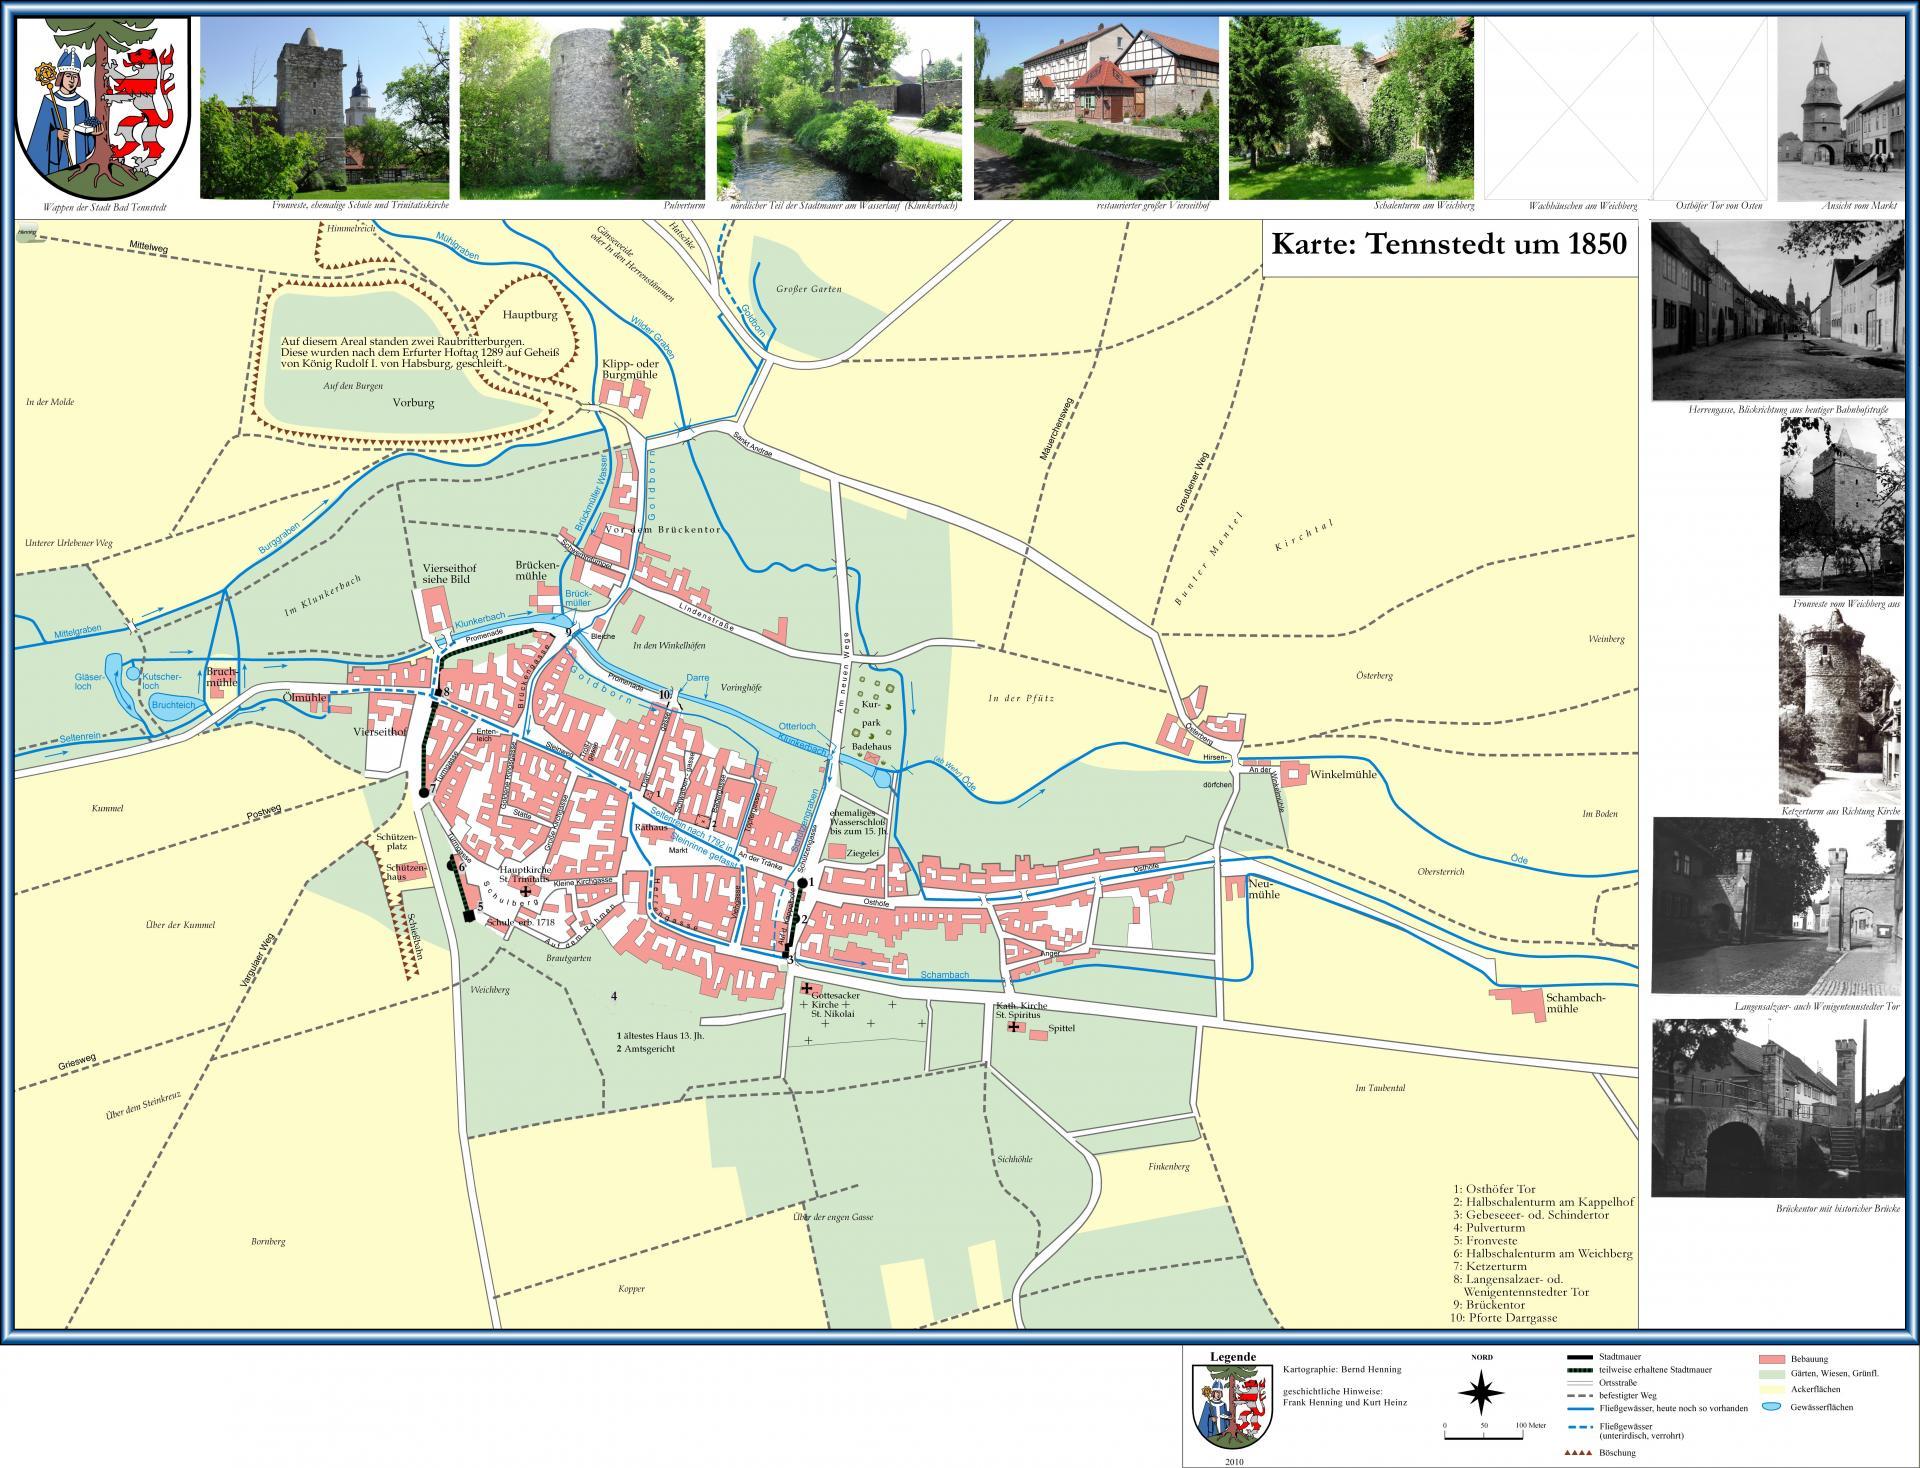 Stadtplan/Stadtmauer